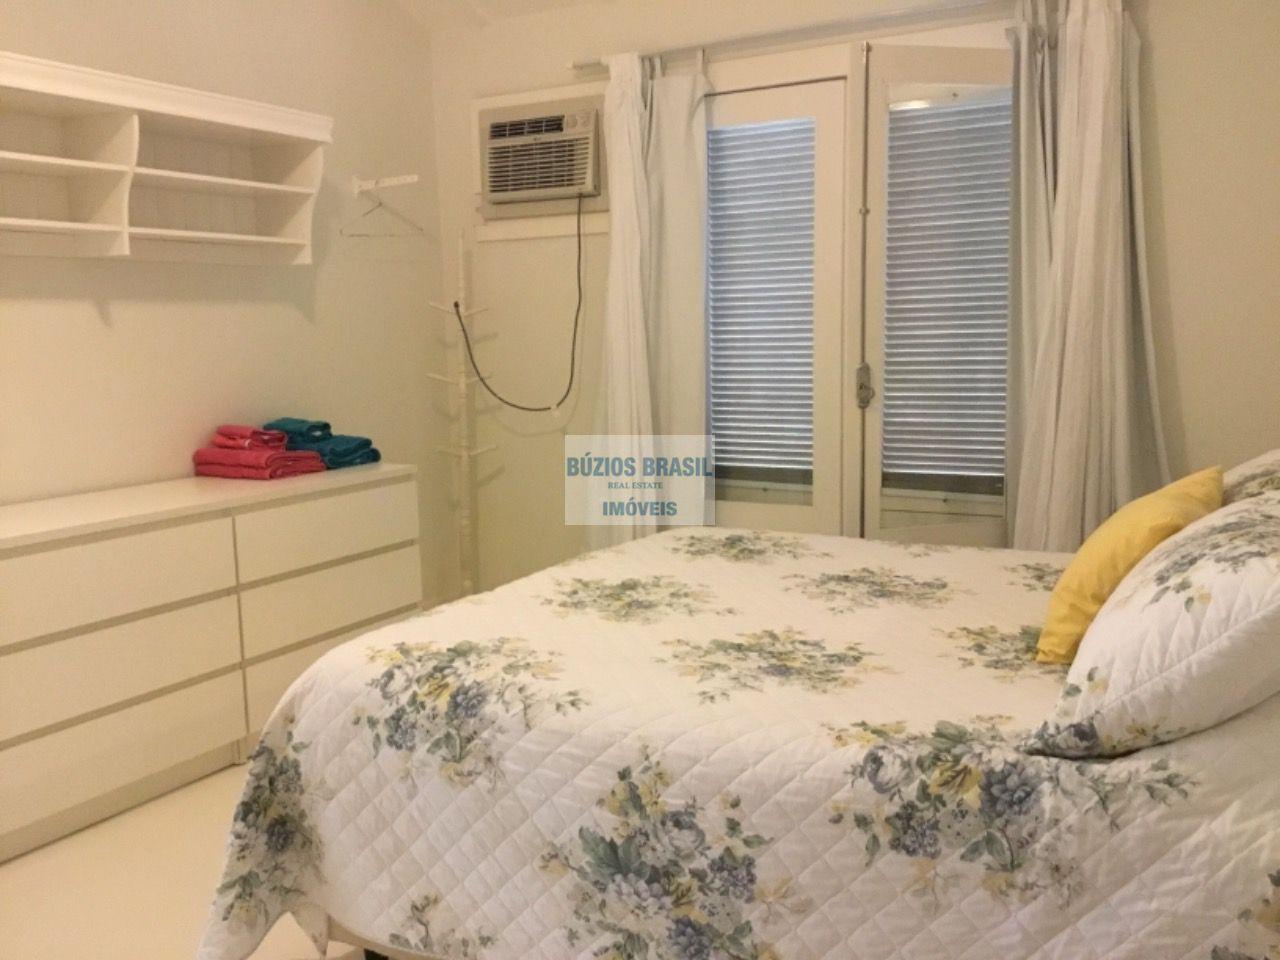 Casa 7 quartos para alugar Ferradura, Ferradura 70m Praia,Armação dos Búzios - LTFR1 - 27